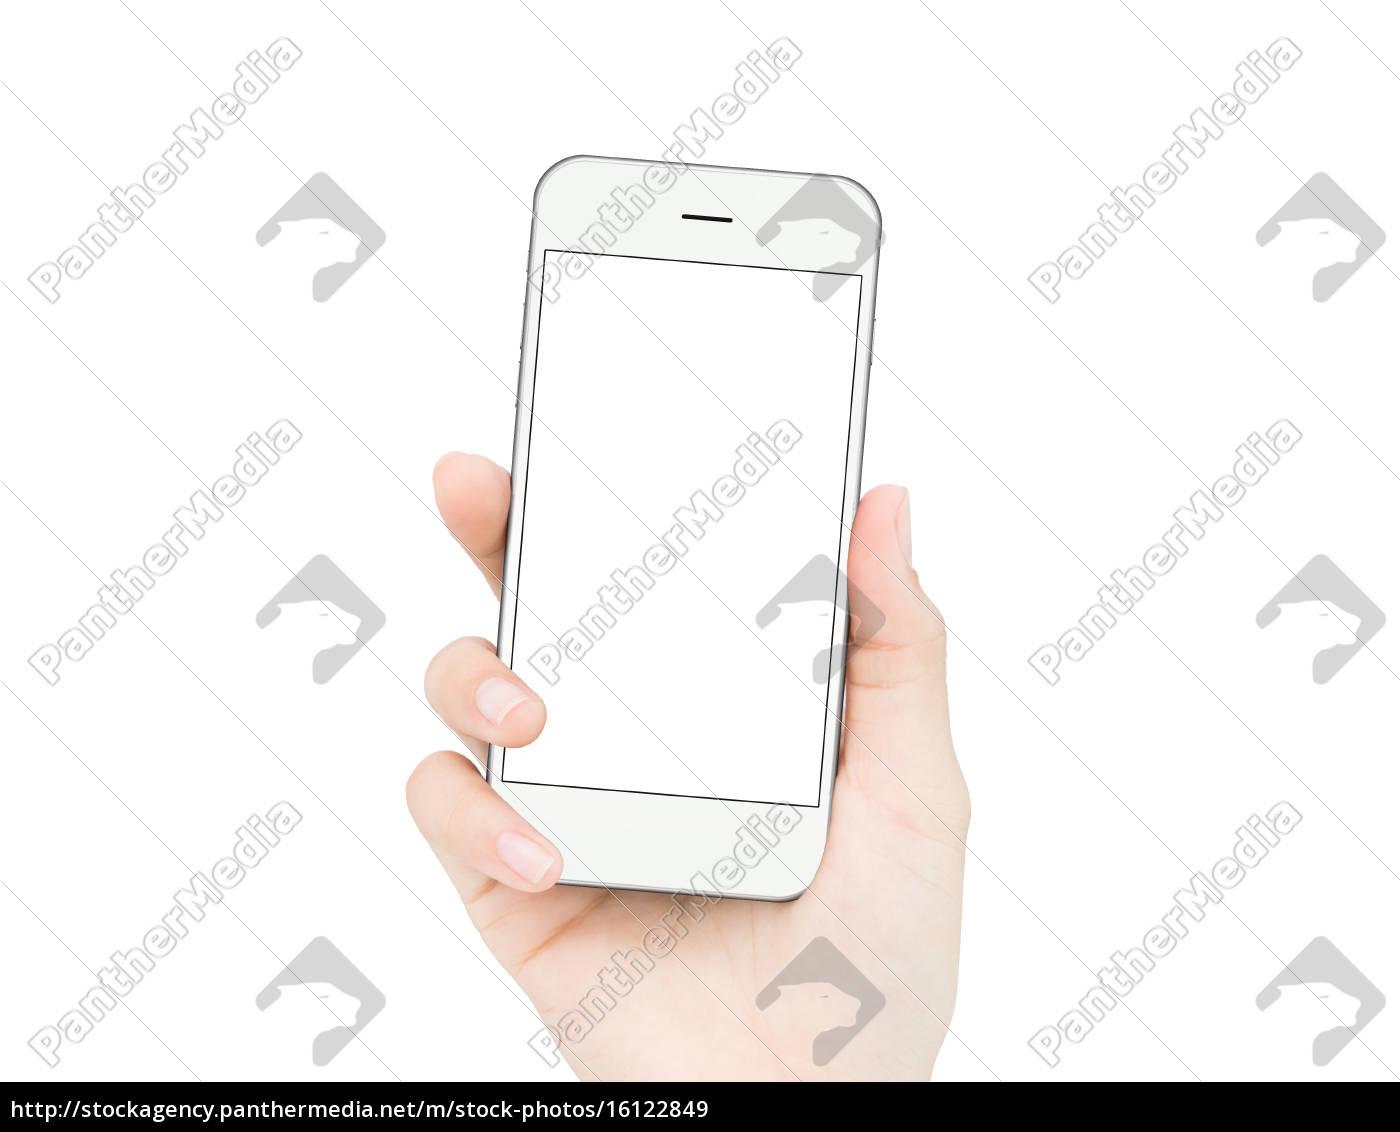 donna, mano, tenendo, telefono, isolato, percorso - 16122849